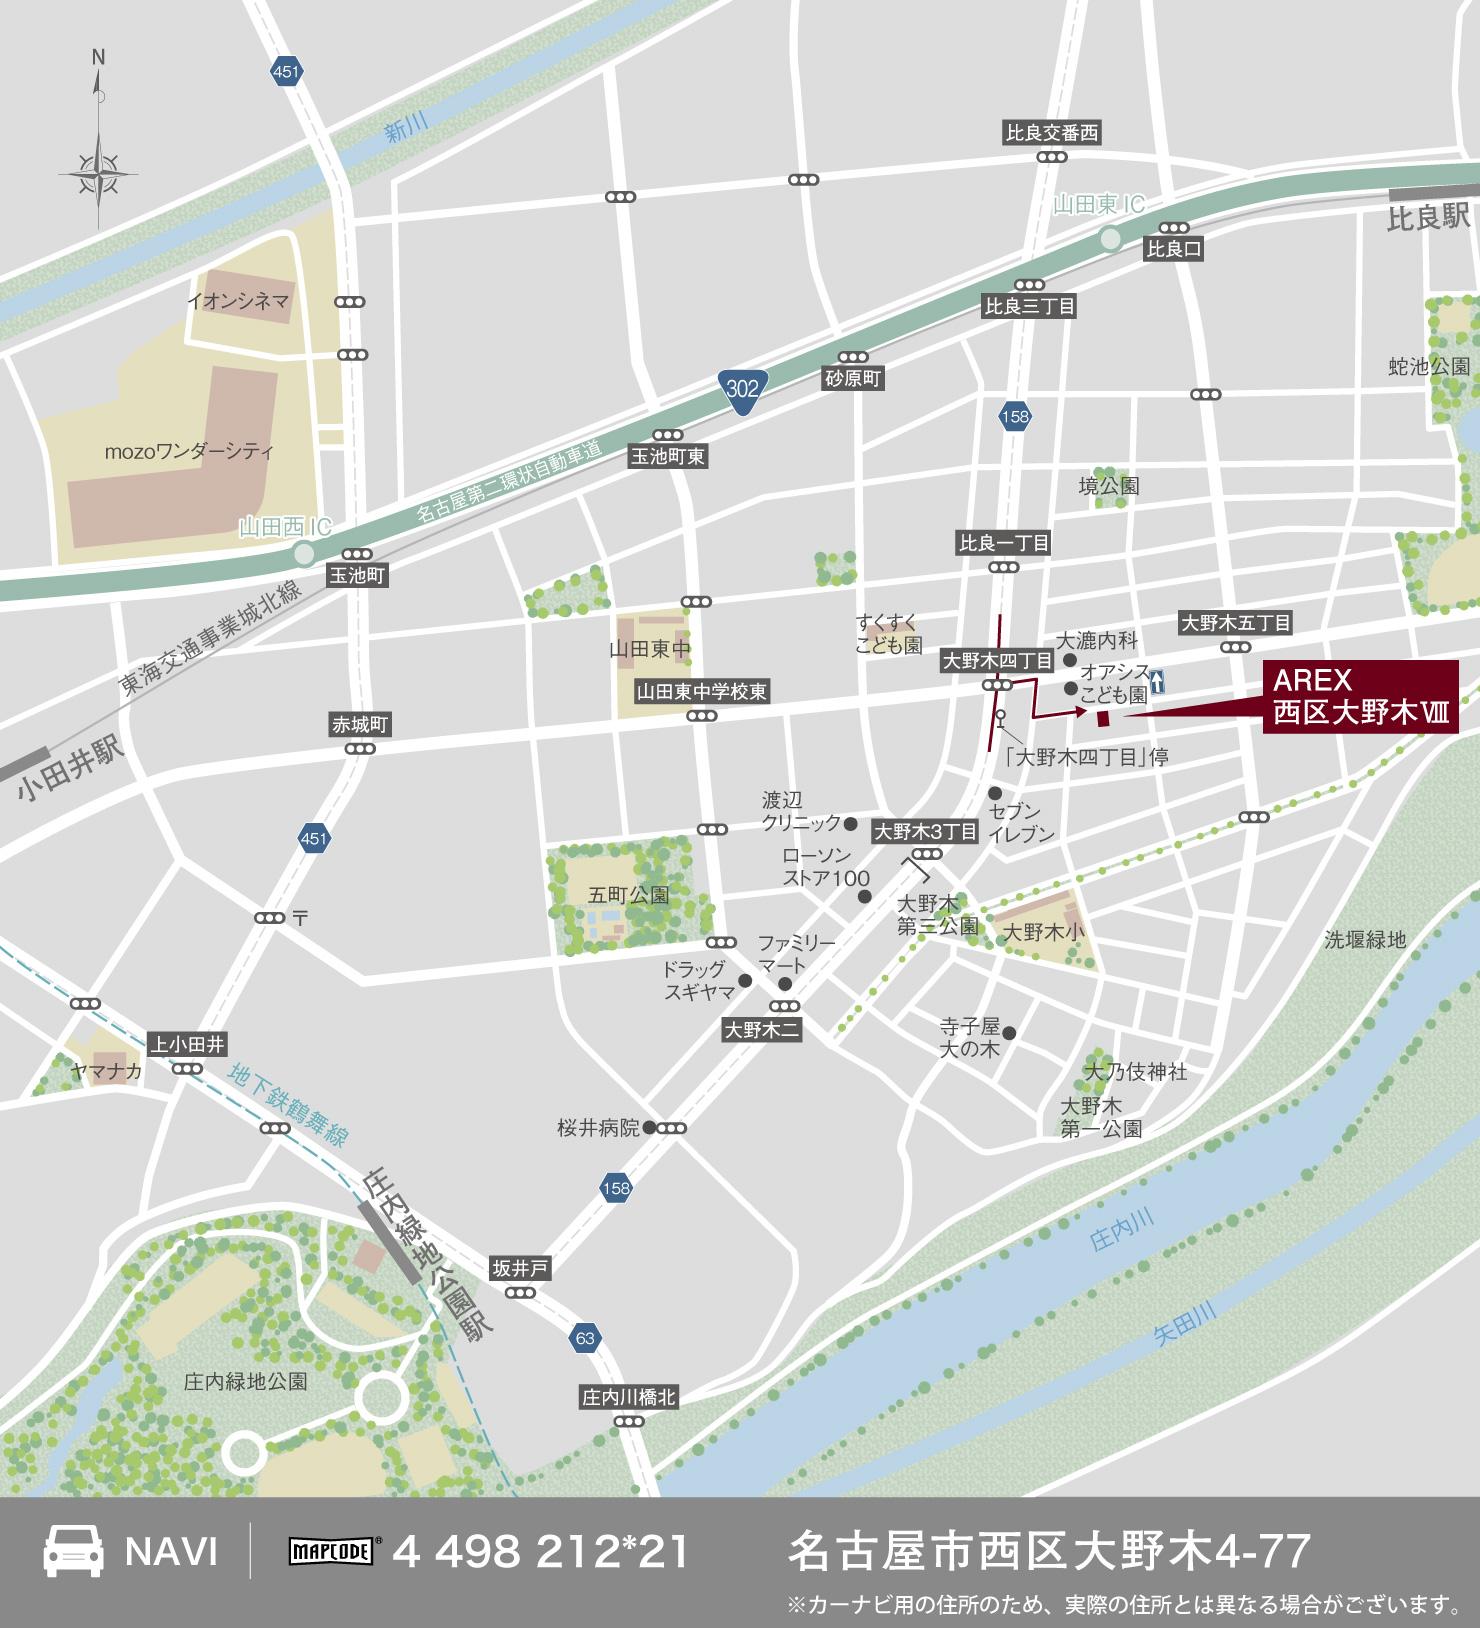 3_地図_西区大野木8